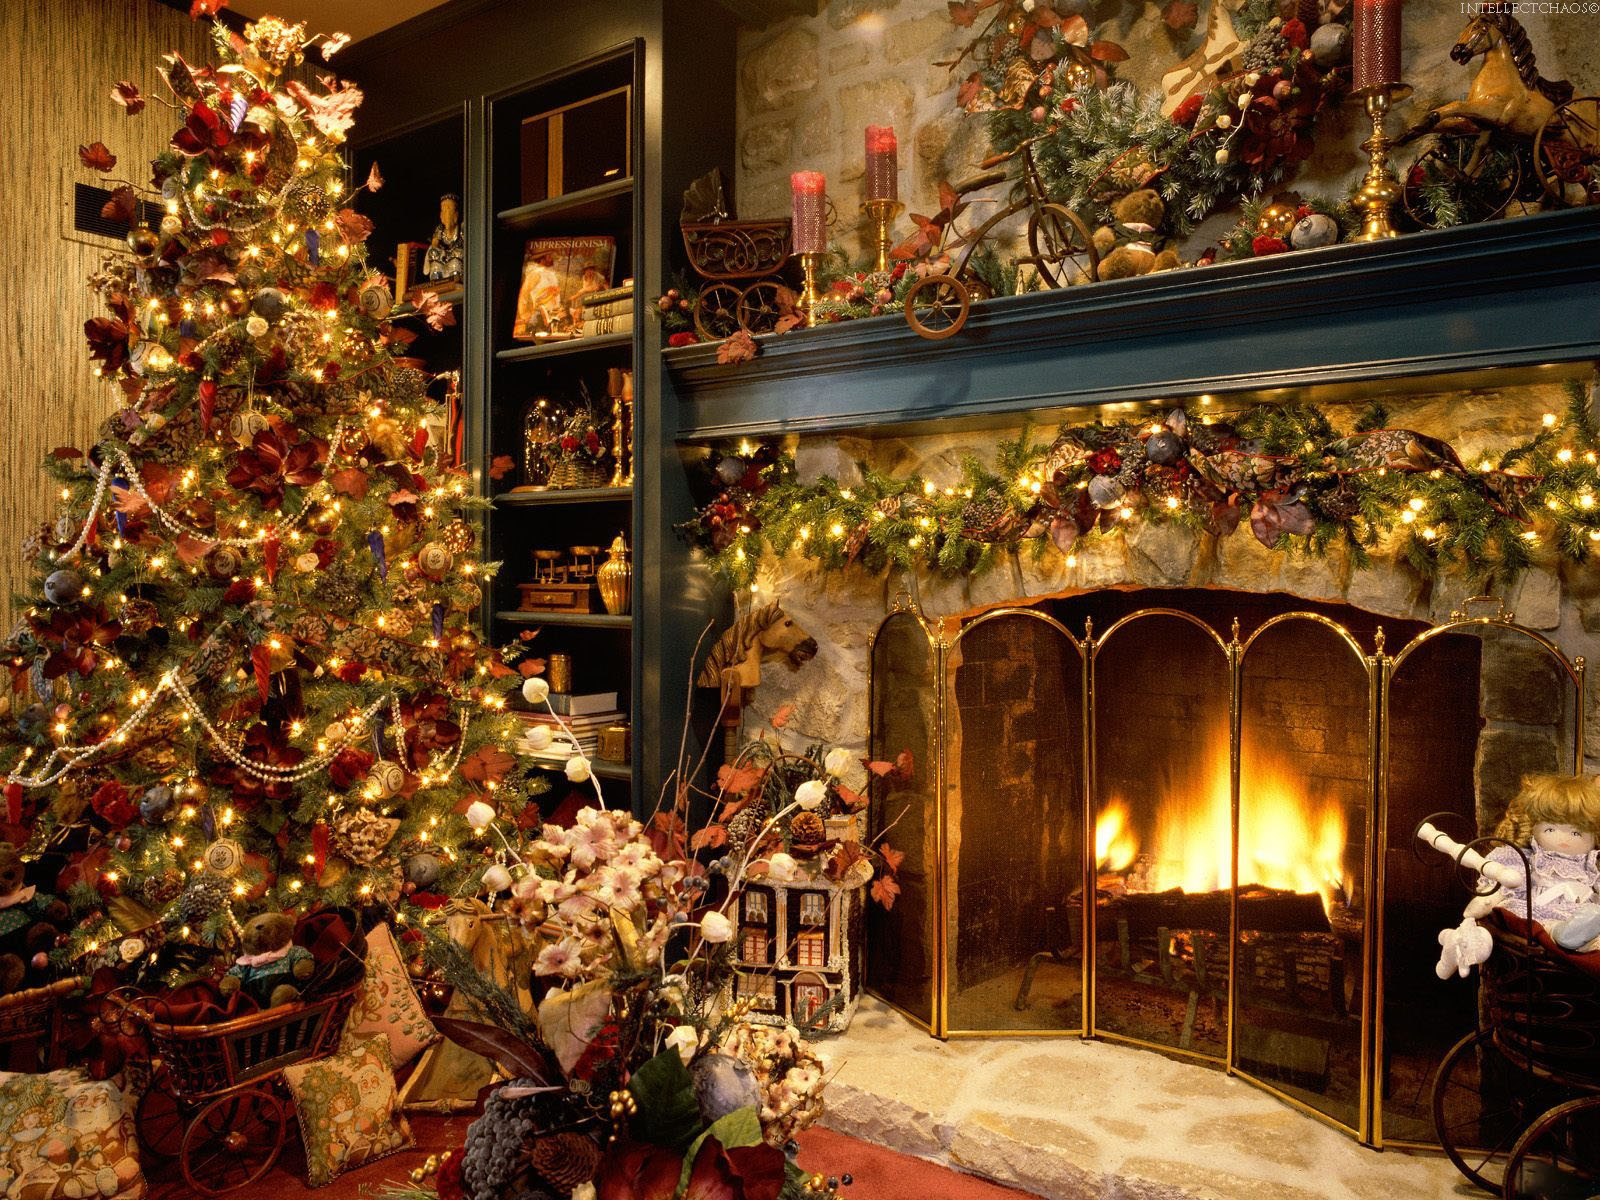 Christmas wallpapers Holiday fireside   Christmas 011444 jpg 1600x1200